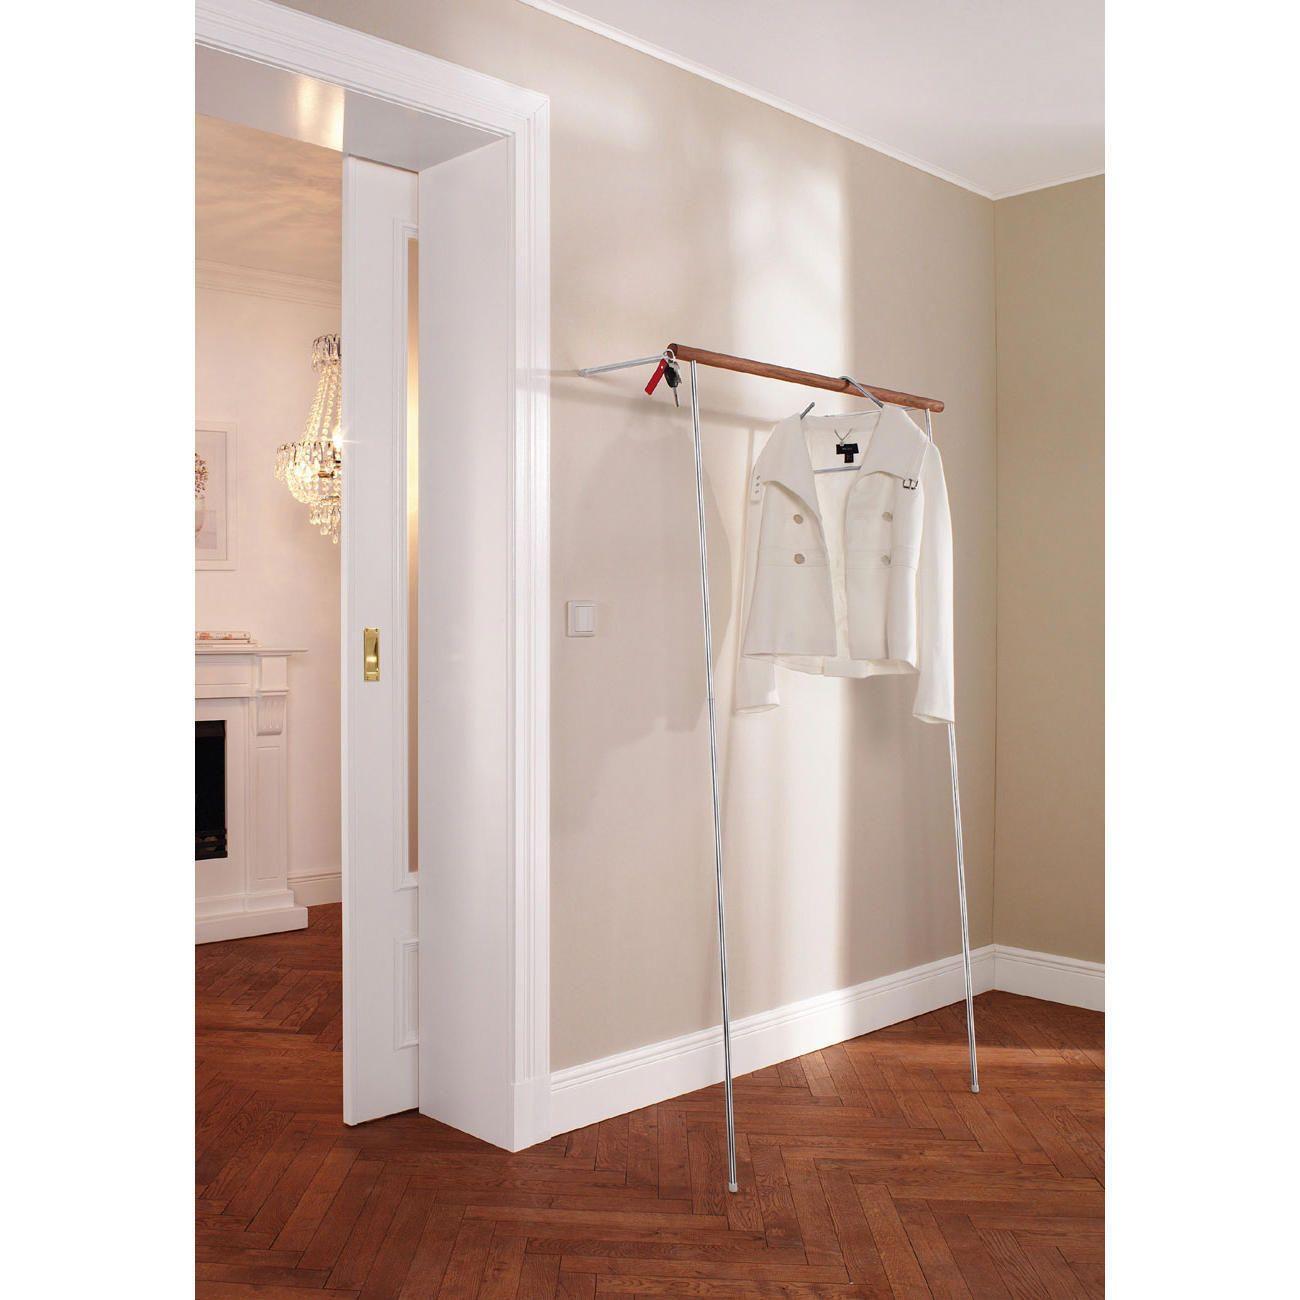 garderobe zum anlehnen im handumdrehen aufgestellt ohne. Black Bedroom Furniture Sets. Home Design Ideas